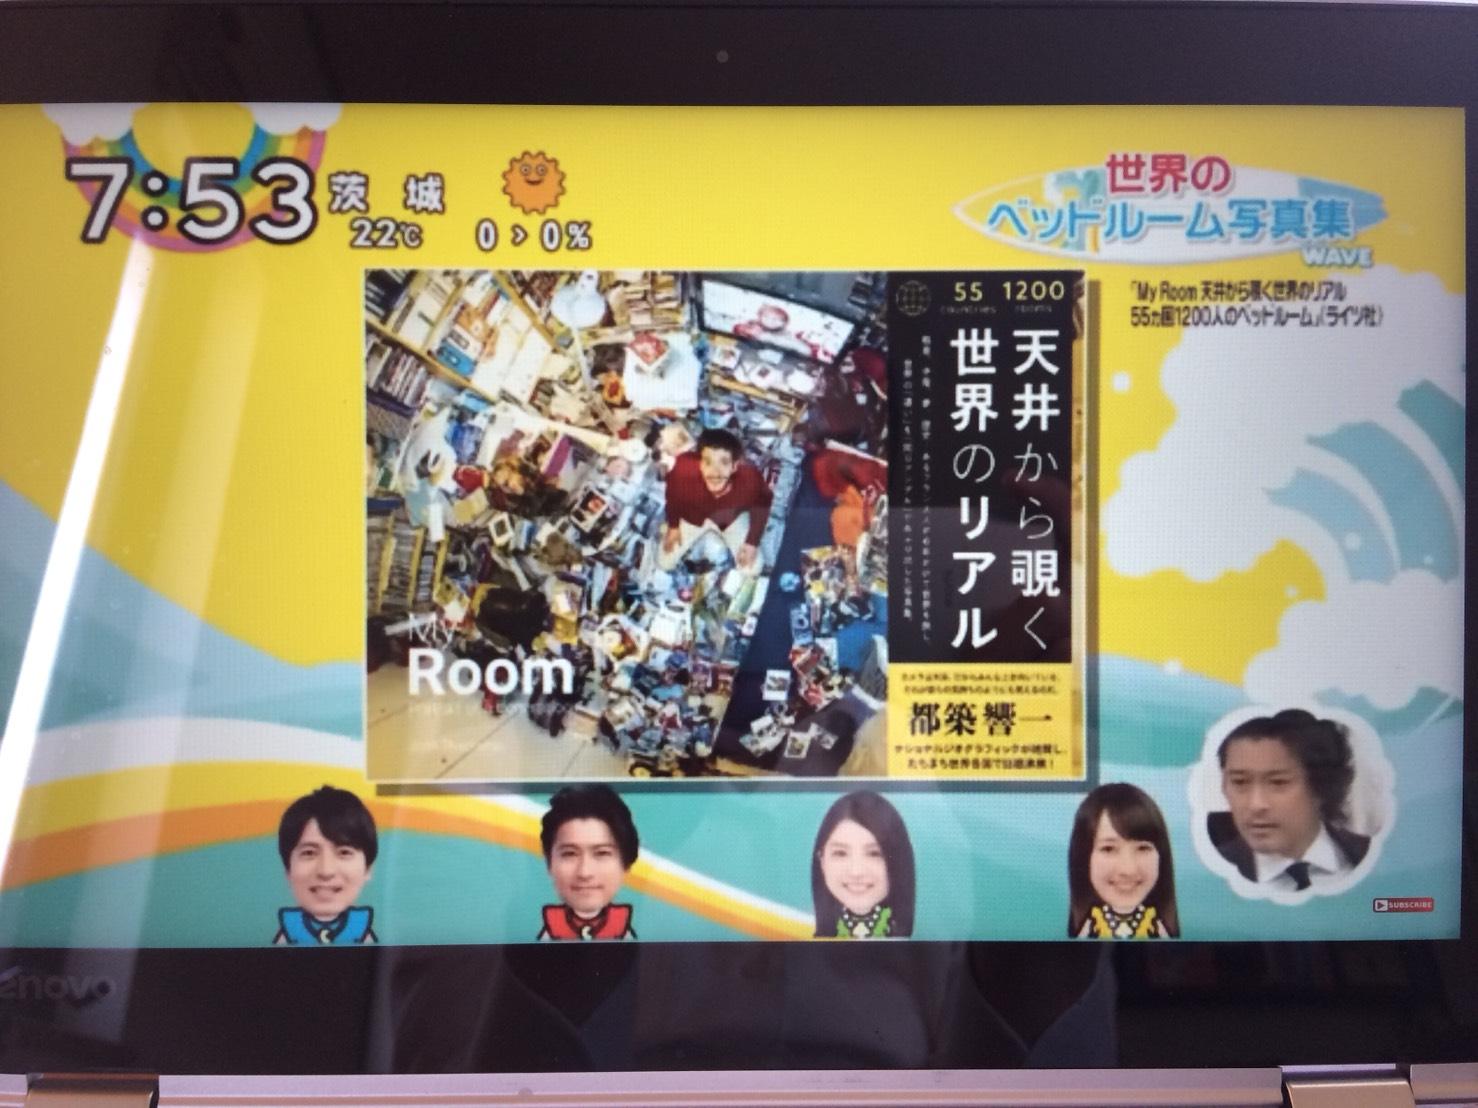 「テレビで紹介されました!『My Room 天井から覗く世界のリアル 55ヵ国1200人のベッドルーム』」記事アイキャッチ画像